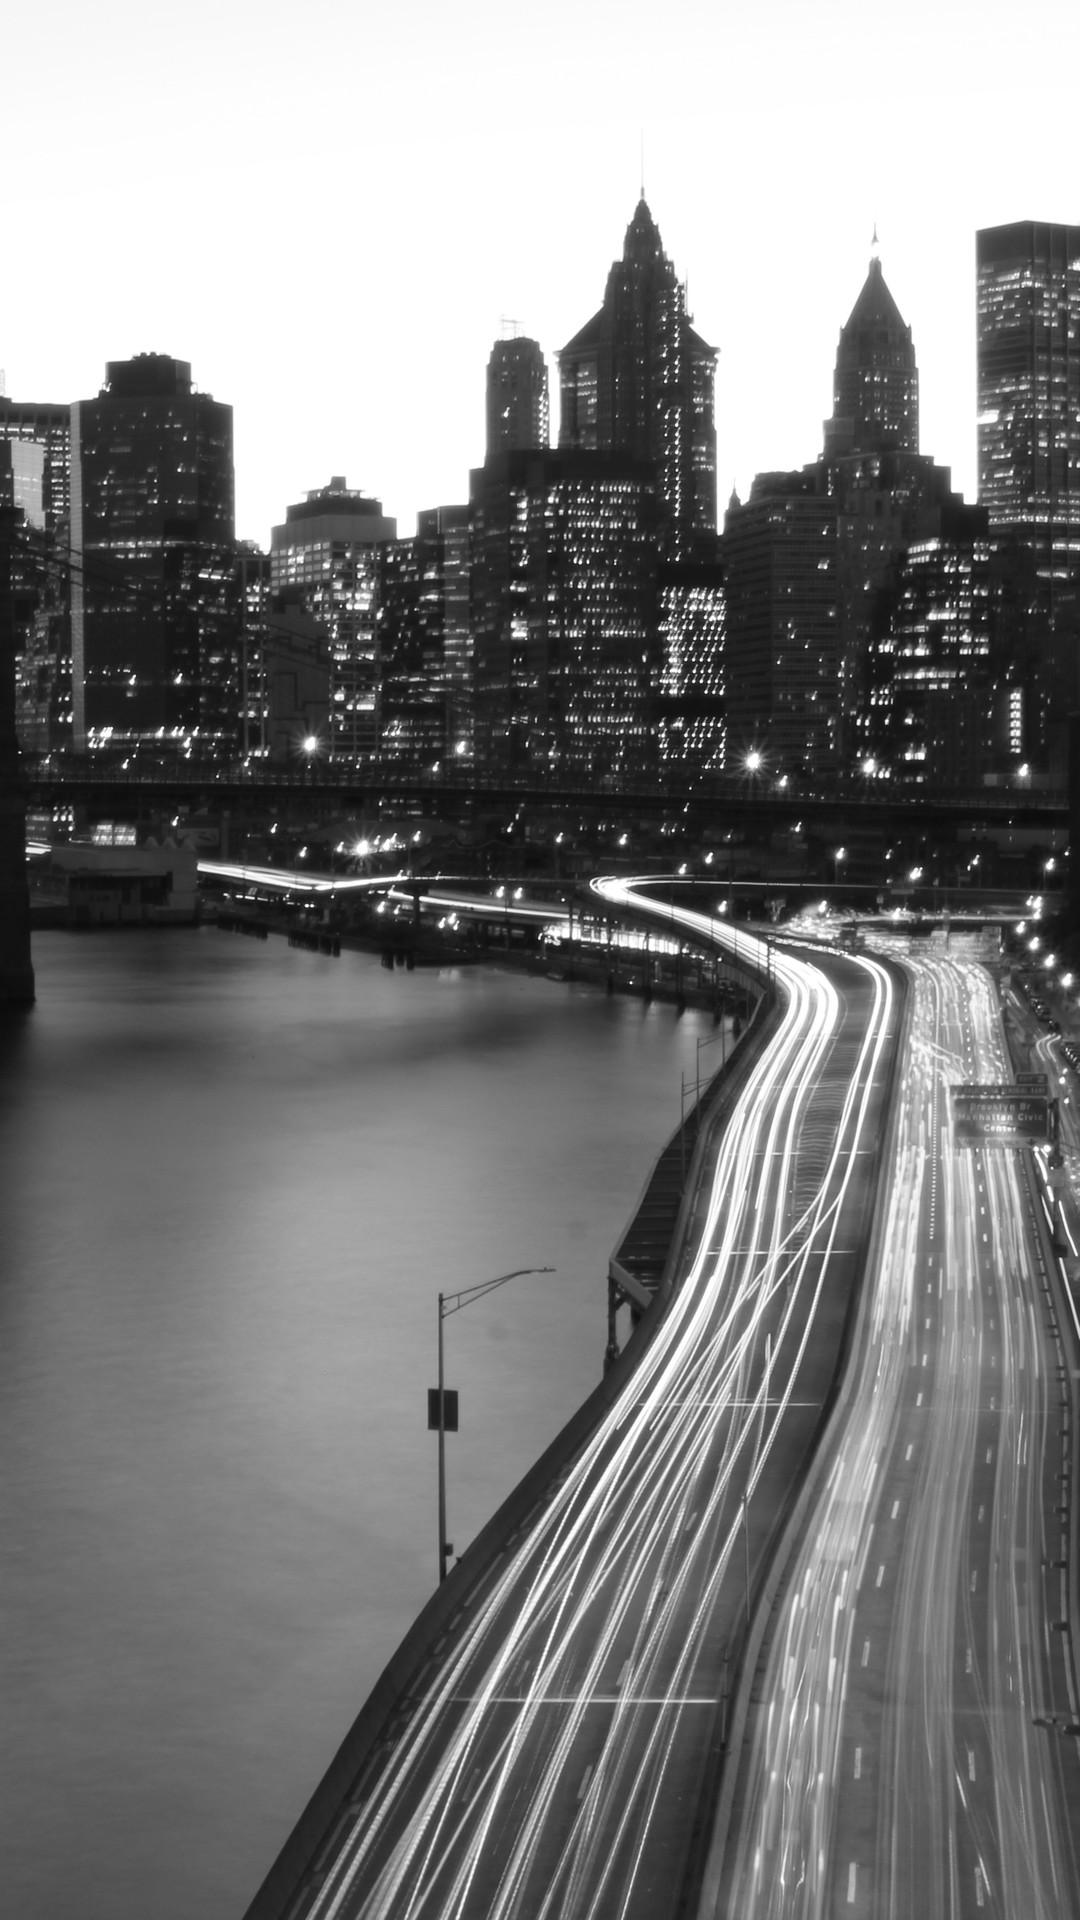 背景黑色简约城市图片壁纸